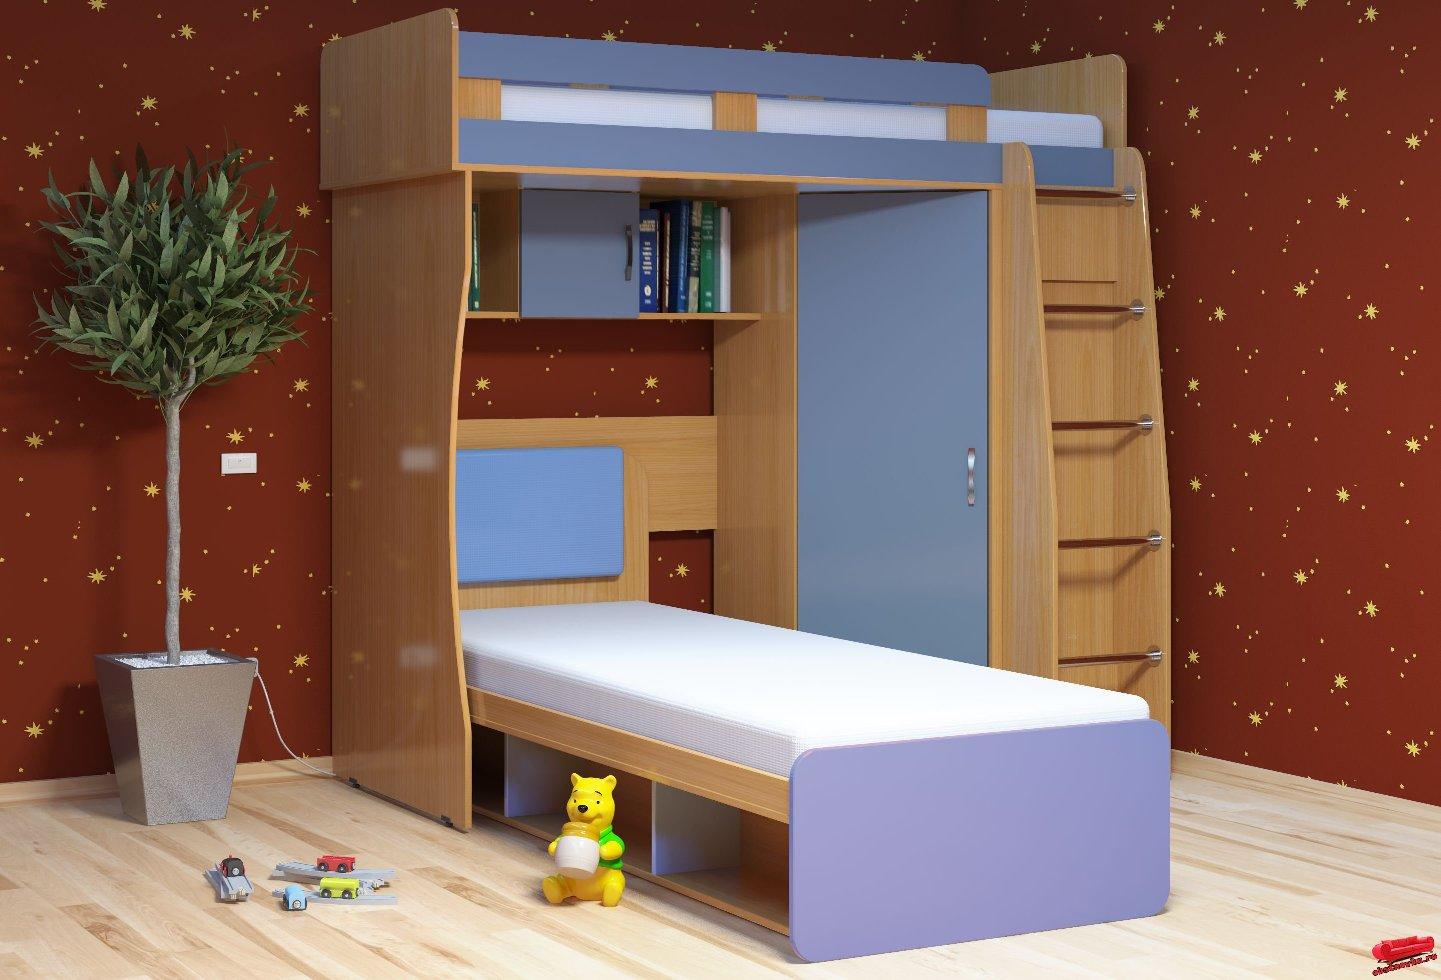 Детская комната Малыш-3Детские комнаты<br>Размер: 2040х1900х840/2040<br><br>Материалы: ЛДСП, рамка МДФ<br>Полный размер (ДхВхГ): 2040х1900х840/2040<br>Спальное место: 800х2000<br>Комплектация: Матрас входит в стоимость<br>Примечание: Ручки пластиковые в цвет мебели!<br>Изготовление и доставка: 8-10 дней<br>Условия доставки: Бесплатная по Москве до подъезда<br>Условие оплаты: Оплата наличными при получении товара<br>Доставка по МО (за пределами МКАД): 30 руб./км<br>Доставка в пределах ТТК: Доставка в центр Москвы осуществляется ночью, с 22.00 до 6.00 утра<br>Подъем на грузовом лифте: 700 руб.<br>Подъем без лифта: 350 руб./этаж (включая первый)<br>Сборка: 10% от стоимости изделия, но не менее 1,000 руб.<br>Гарантия: 12 месяцев<br>Производство: Россия<br>Производитель: Mebelus